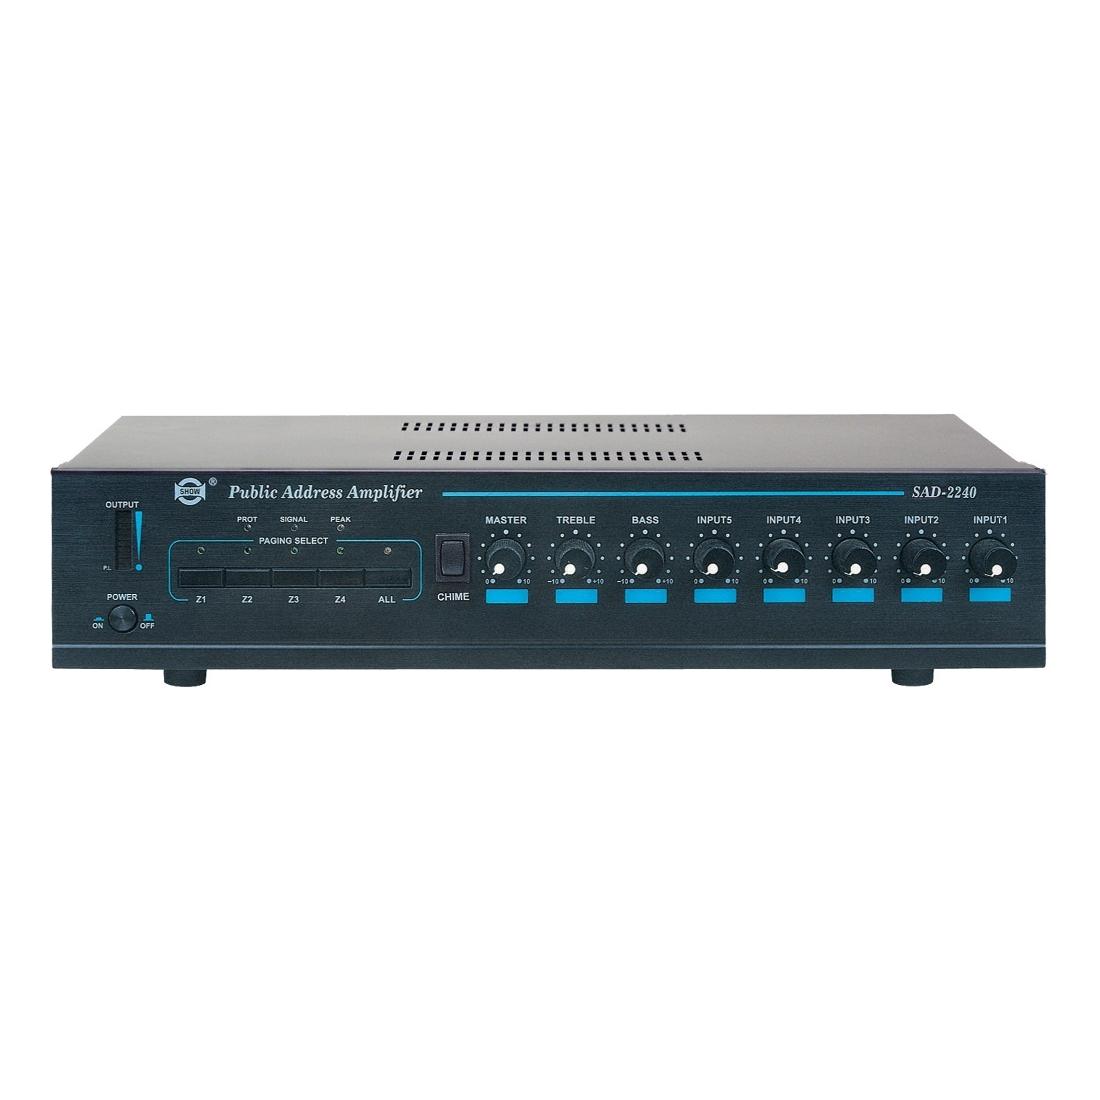 show pa180dt трансляционная система инструкция